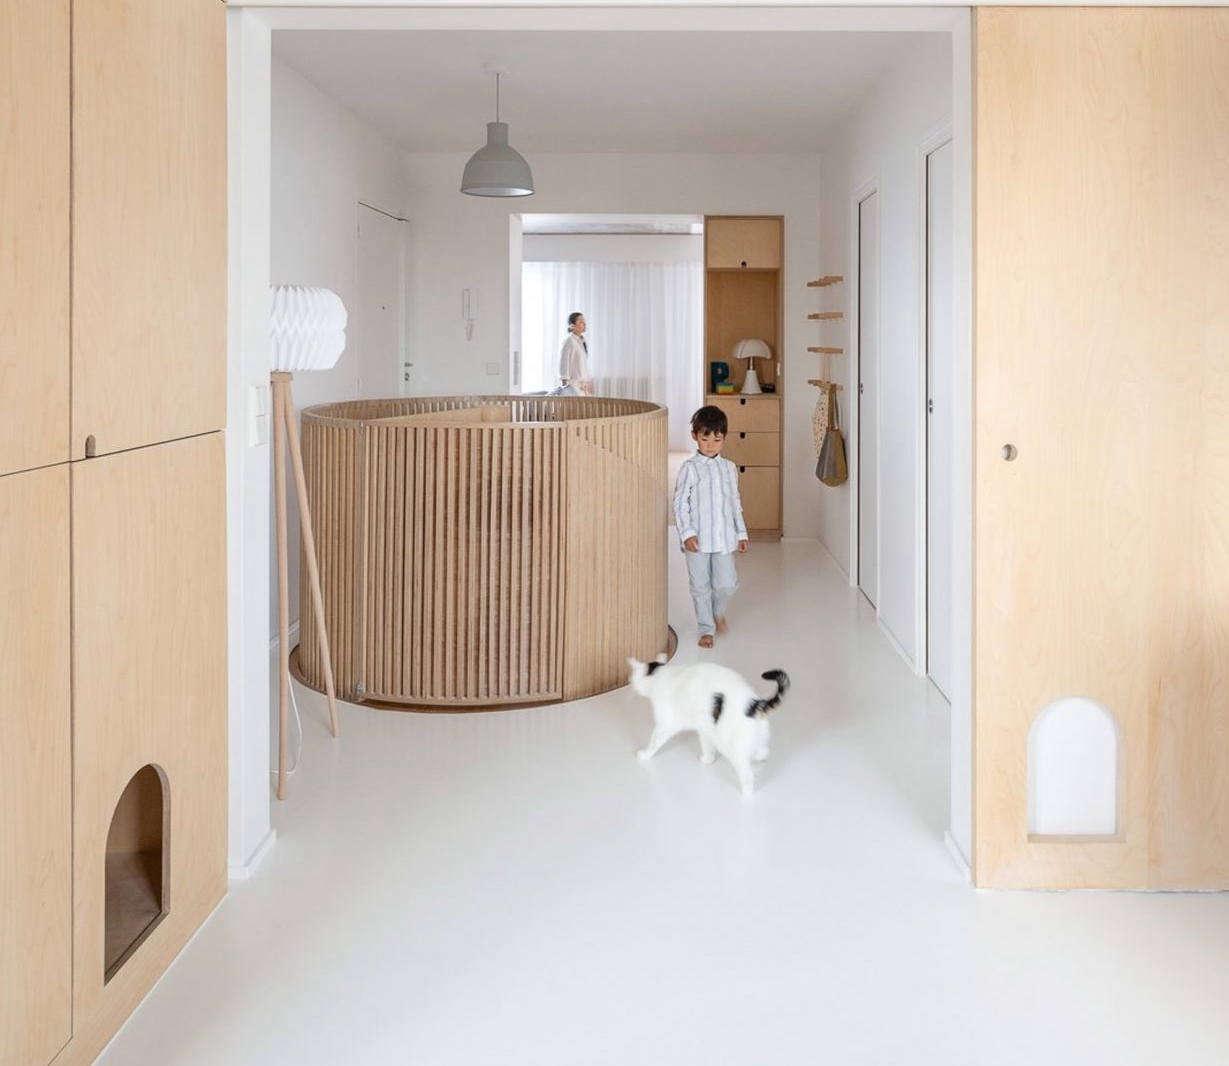 sacha apartment sabo project paris hall crop